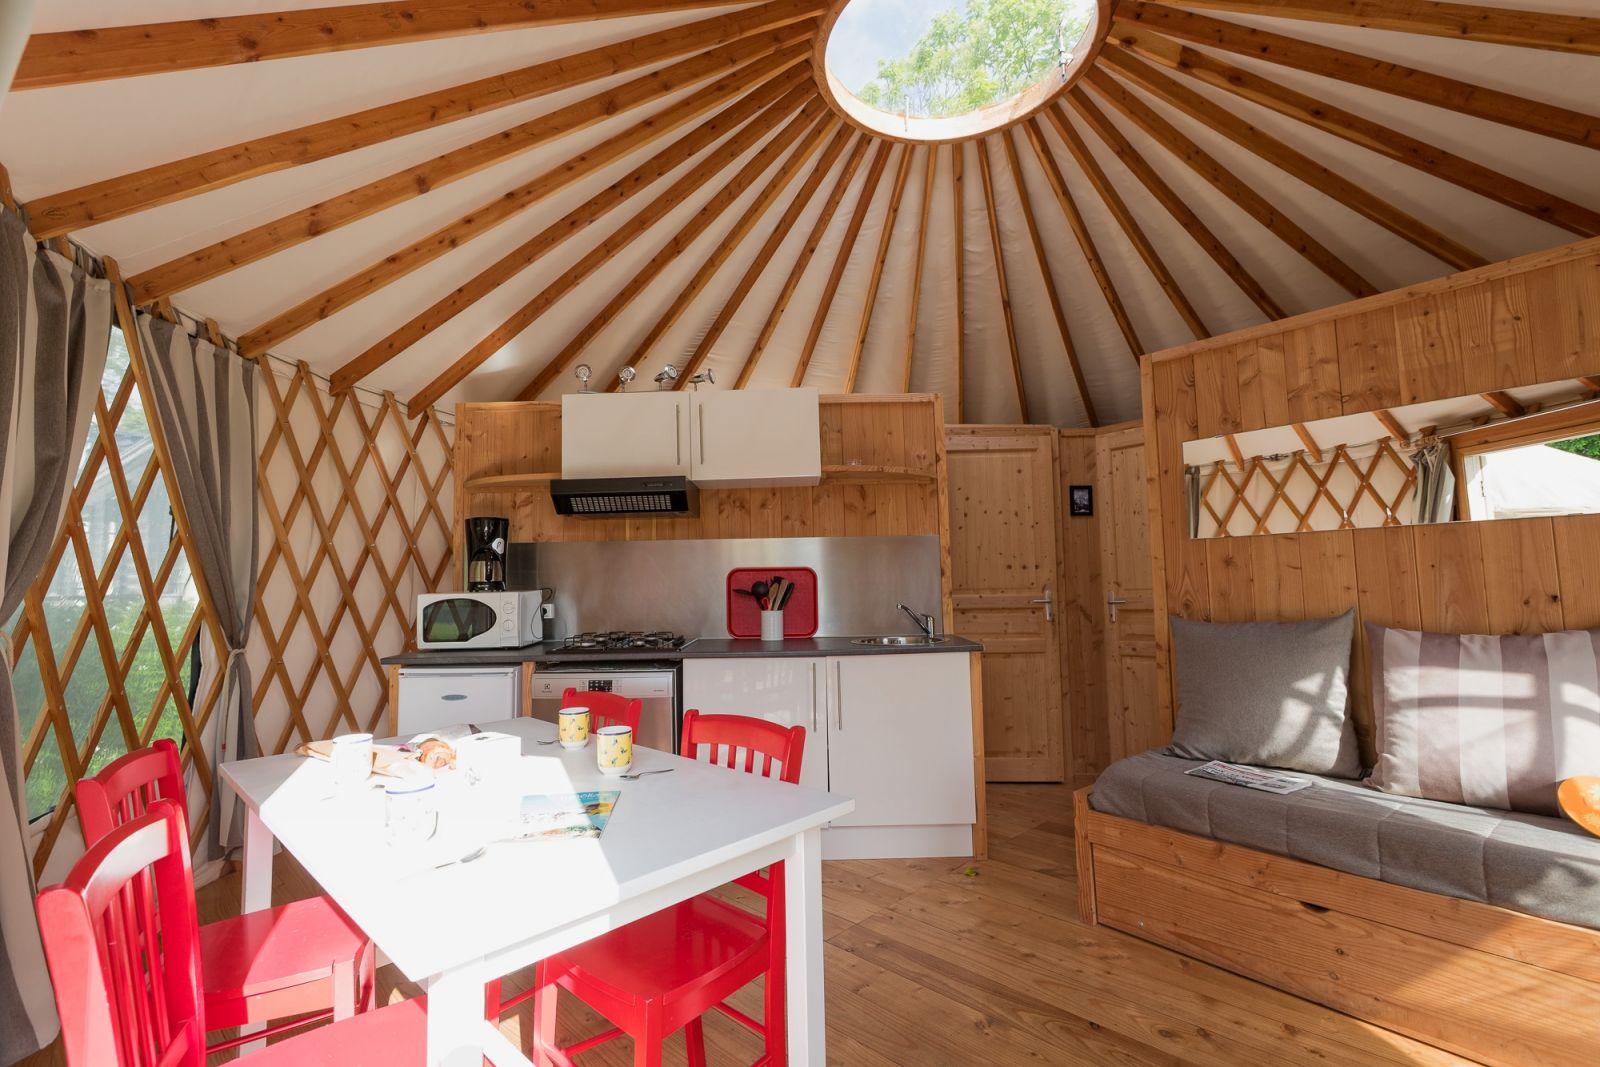 Eclairage Salle De Bain Sans Electricite ~ yourte h bergement insolite camping bretagne atlantique